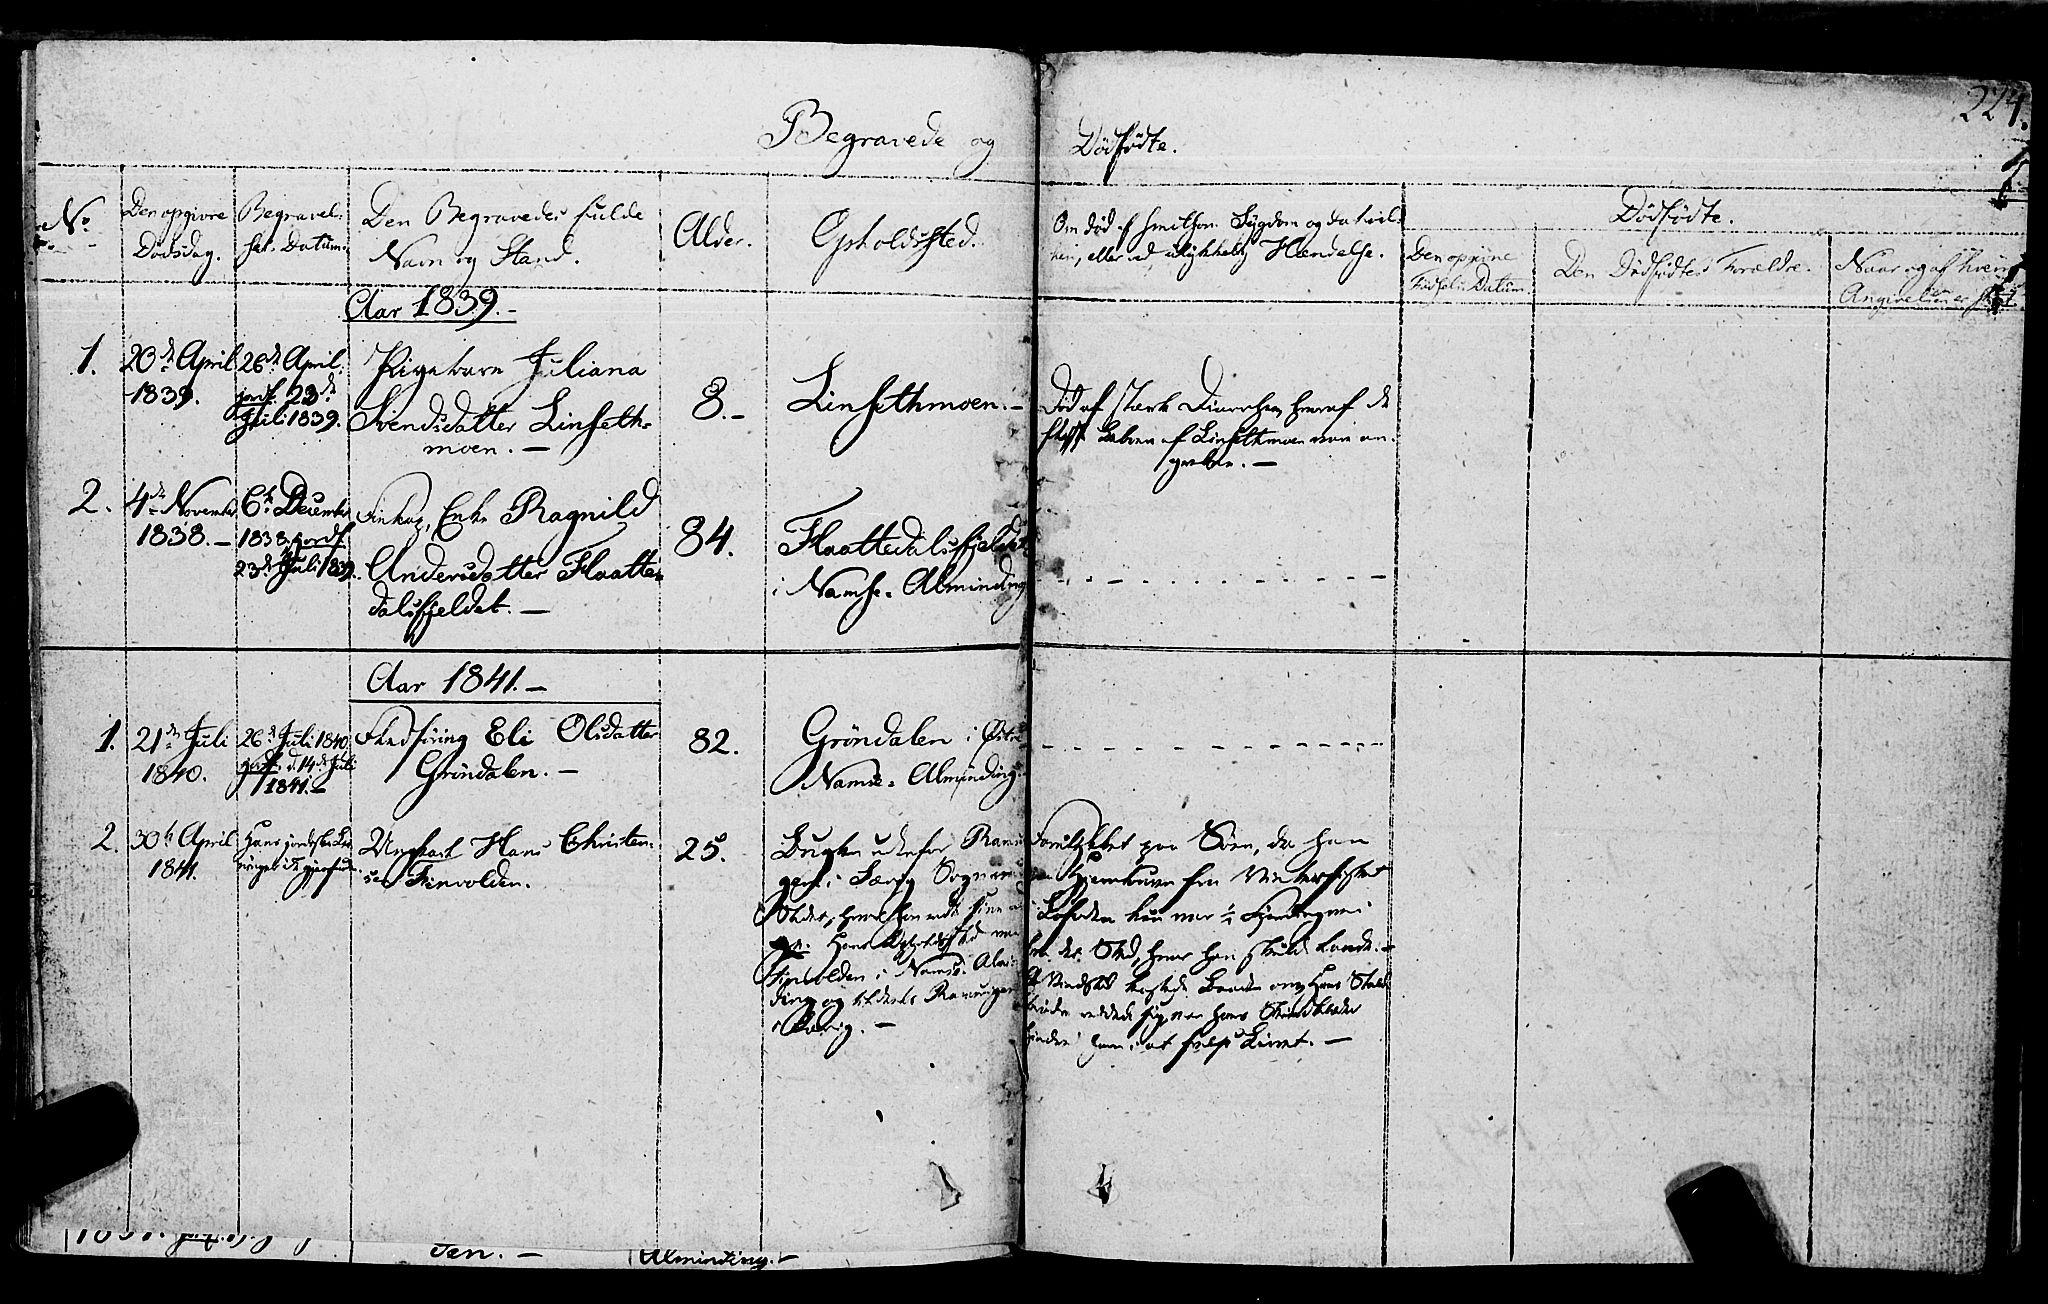 SAT, Ministerialprotokoller, klokkerbøker og fødselsregistre - Nord-Trøndelag, 762/L0538: Ministerialbok nr. 762A02 /2, 1833-1879, s. 224